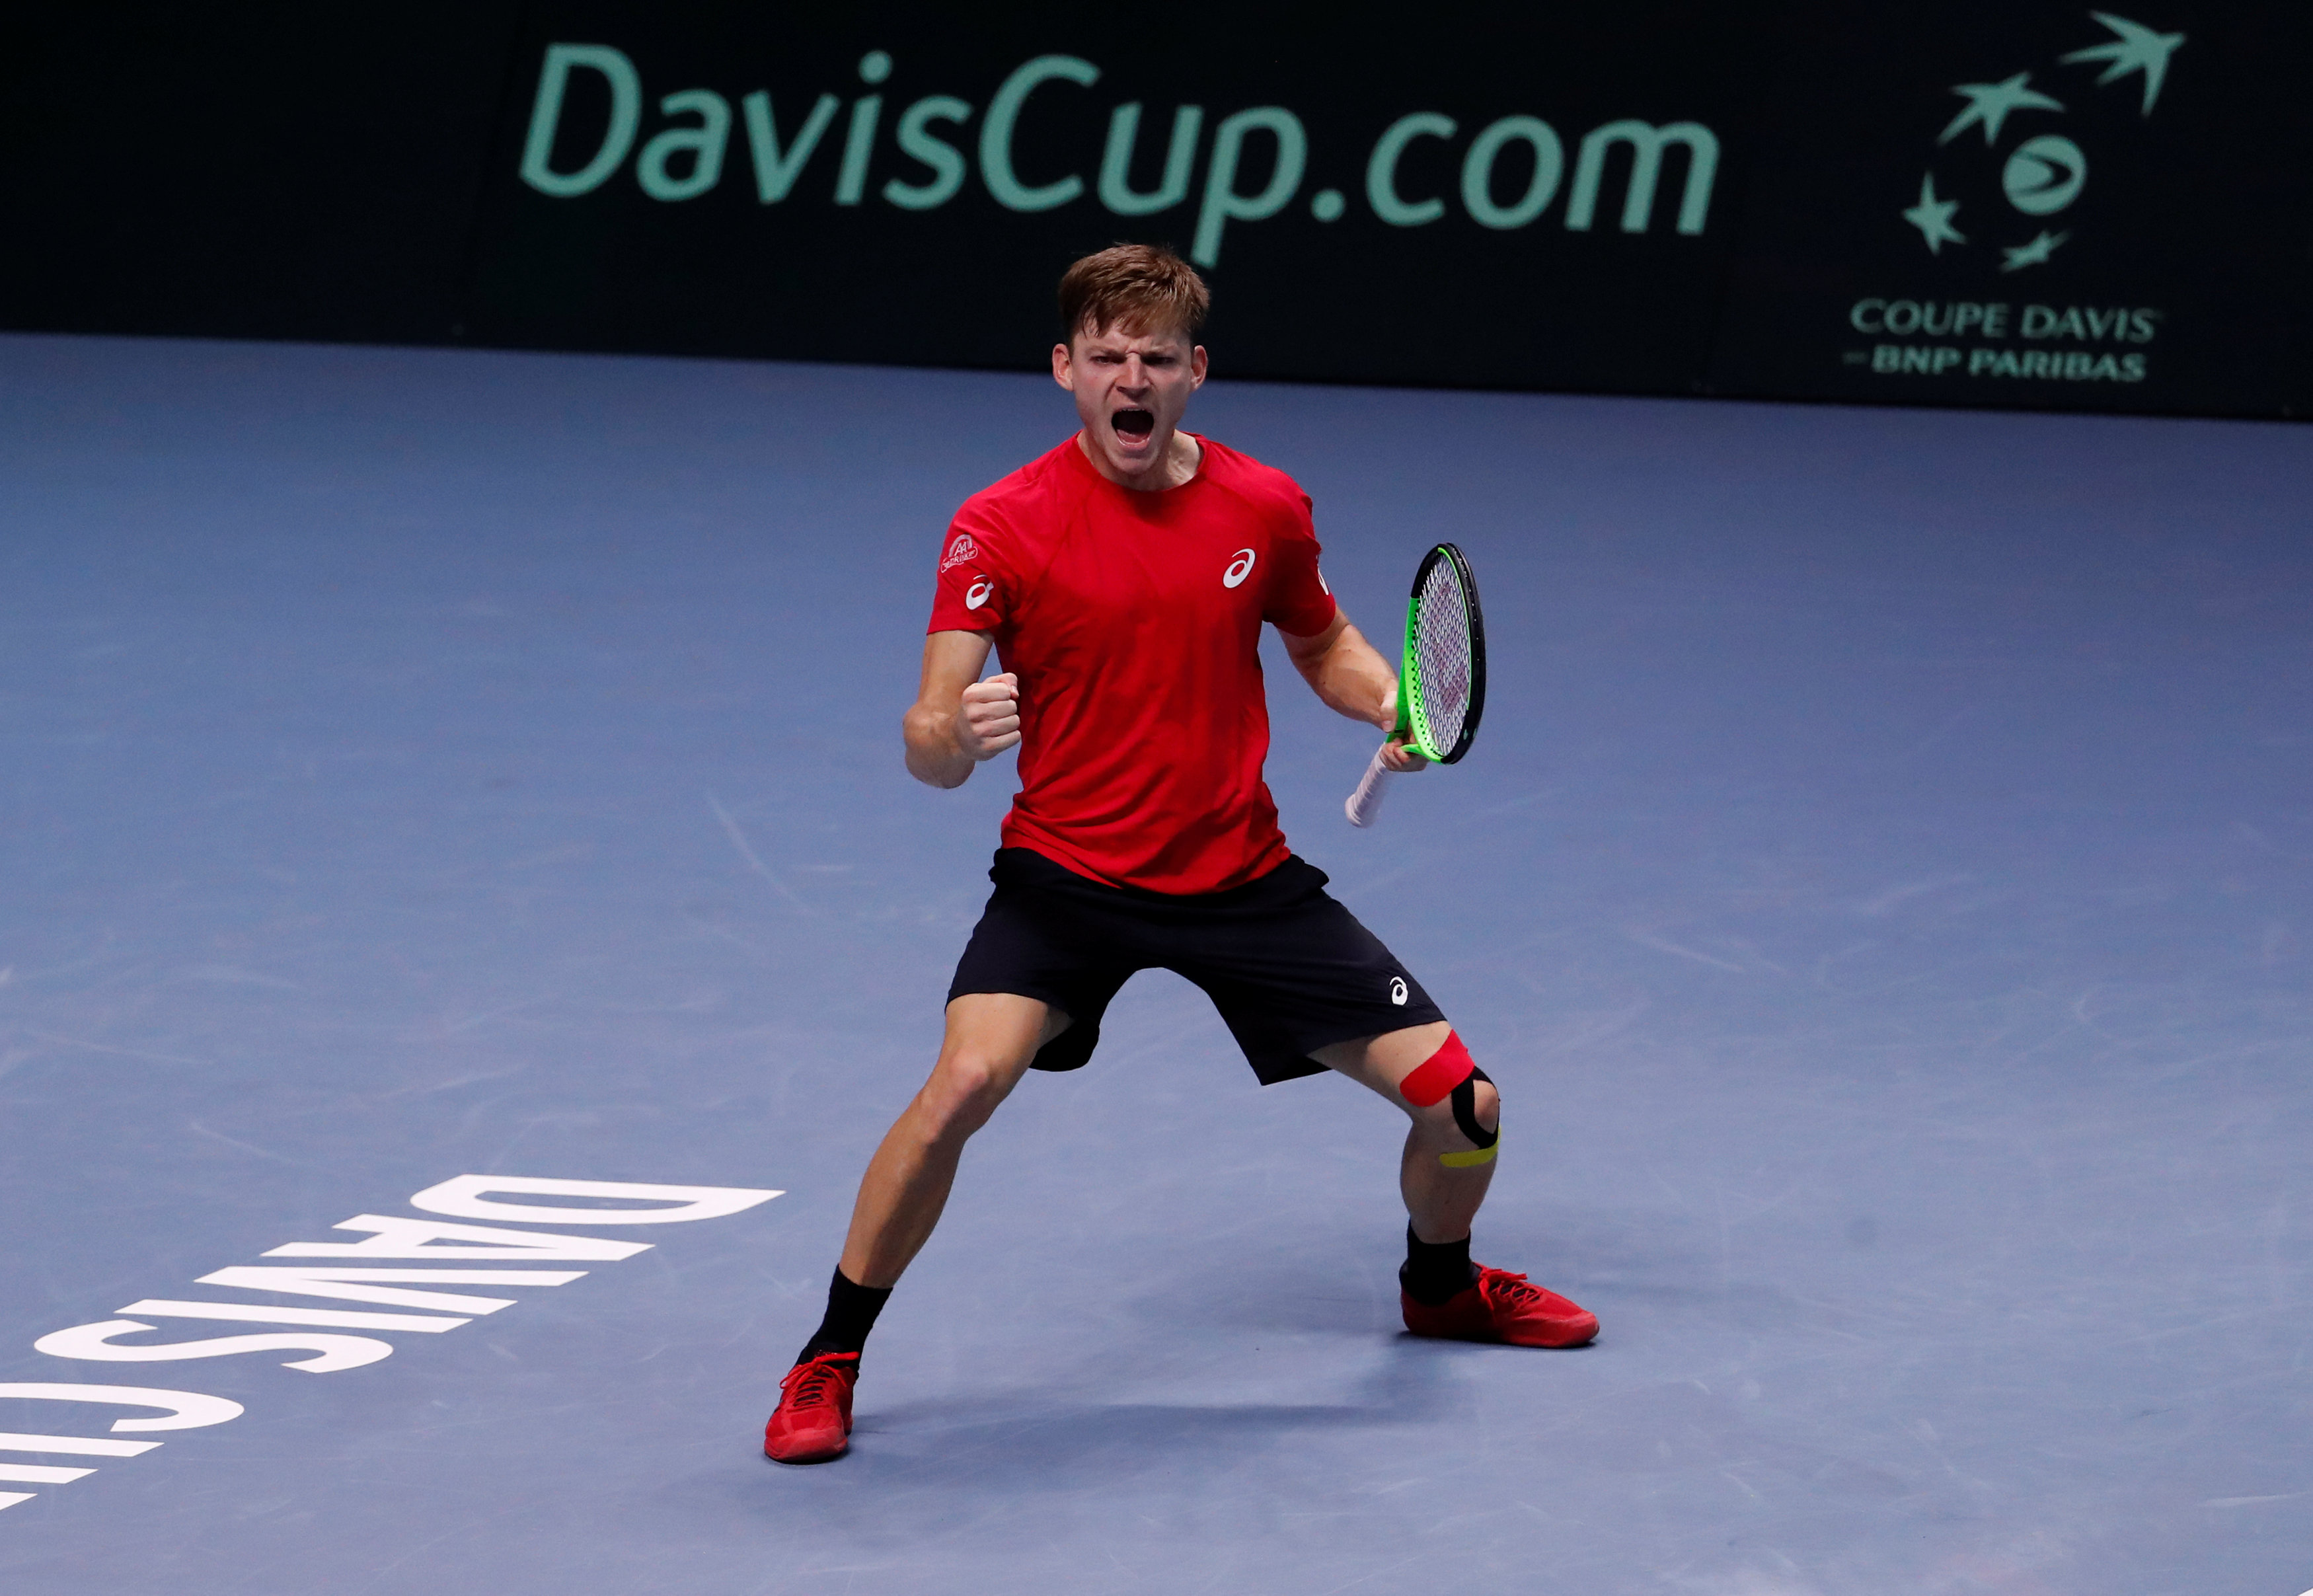 Tennis - Coupe Davis - Coupe Davis : Goffin croque Pouille et donne l'avantage à la Belgique